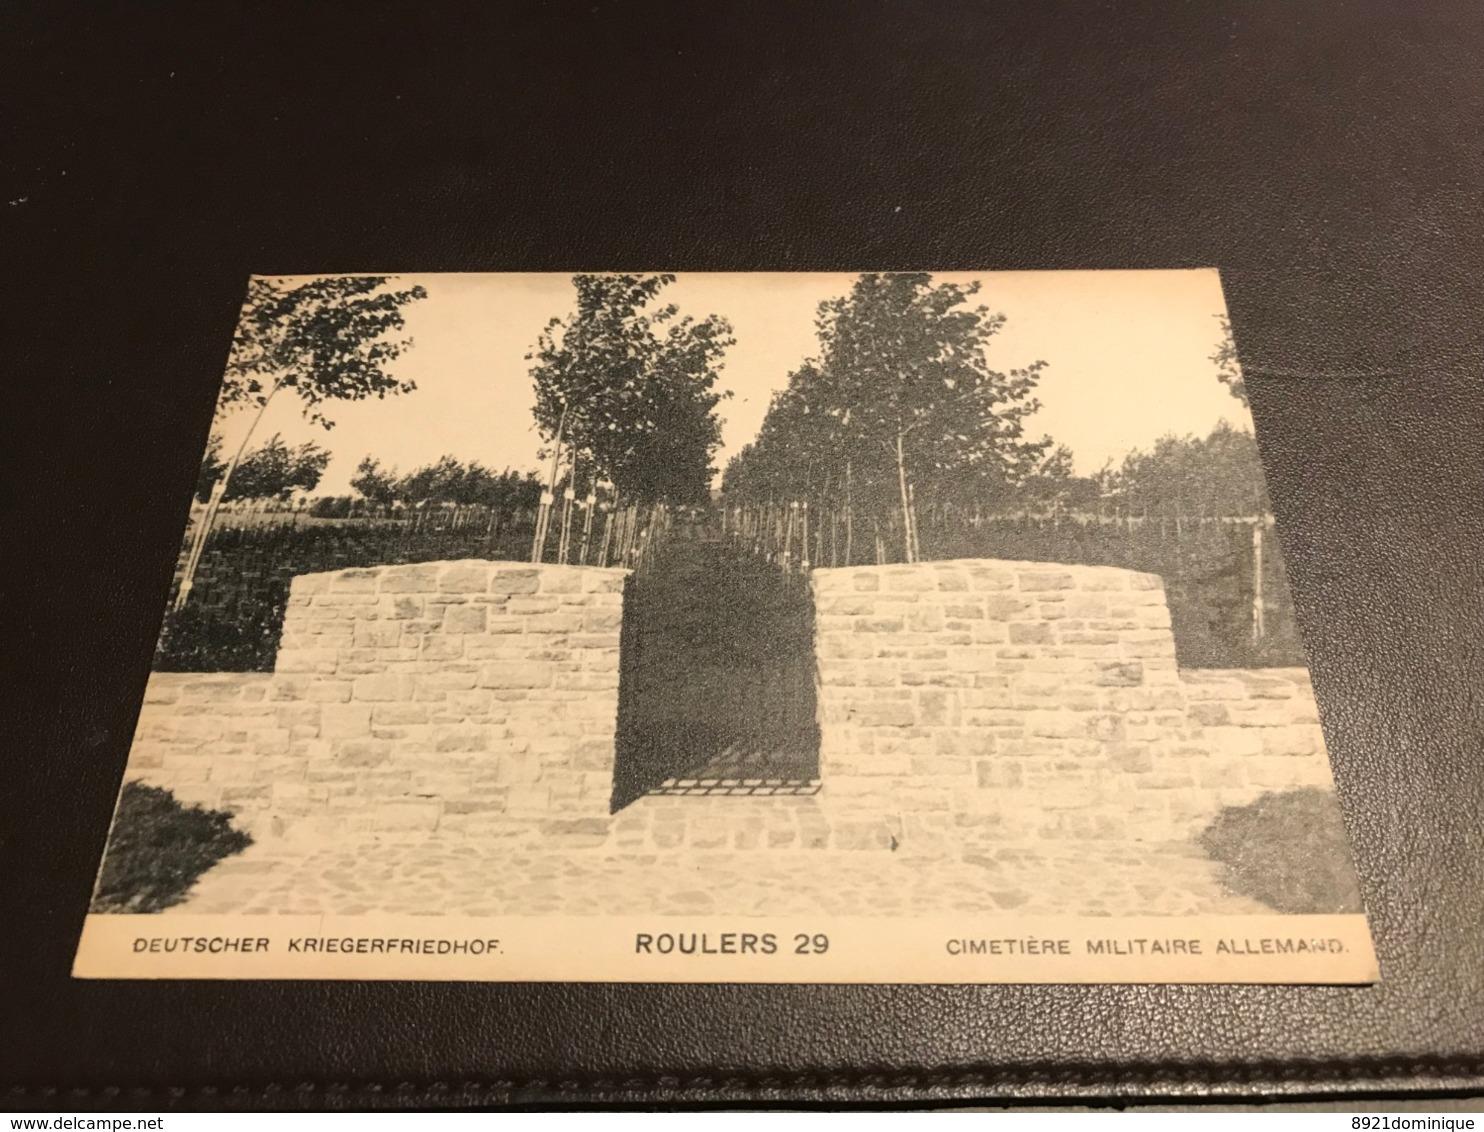 Kriegerfriedhof 29 Roulers De Ruiter Roeselare Colliemolenhoek Ehrenfriedhof  Flandern 1914 1918 -photo Kerling - Roeselare